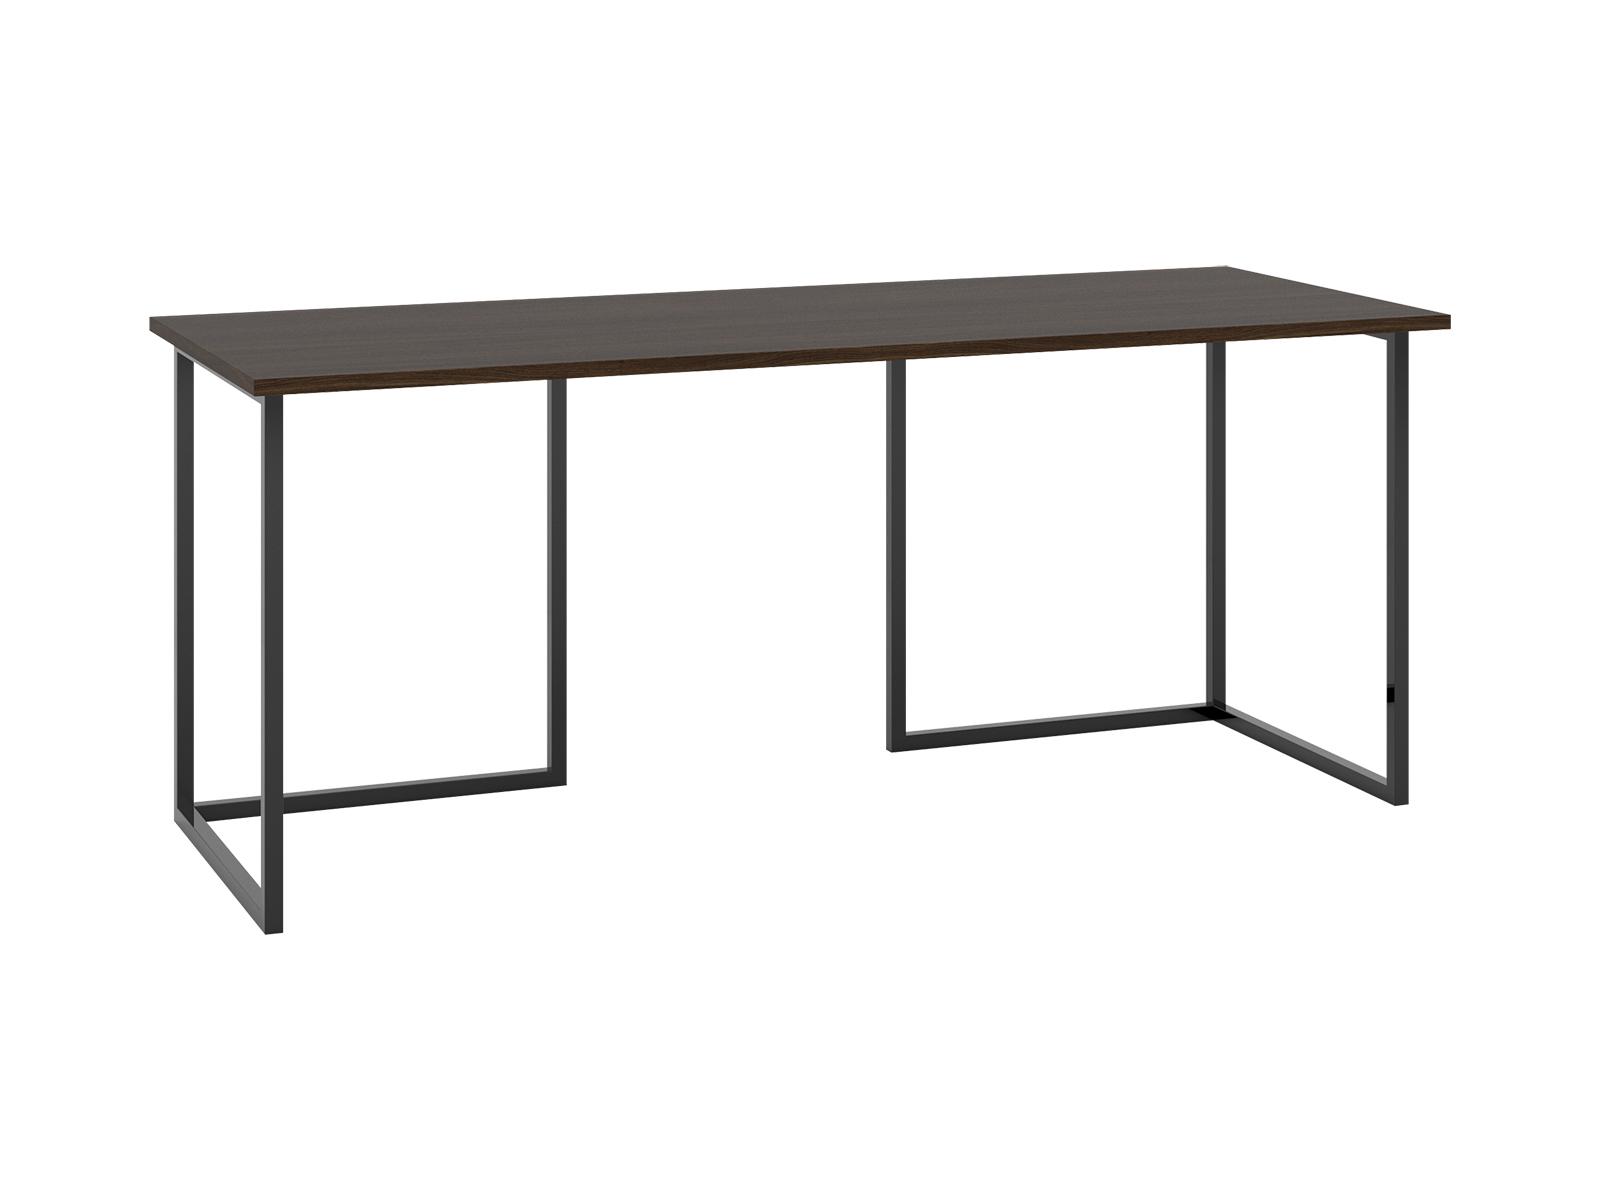 Стол BoardПисьменные столы<br>&amp;lt;div&amp;gt;Большой выбор столешниц и цветов оснований позволяет создавать комбинации, точно отвечающие вашим потребностям.&amp;lt;/div&amp;gt;&amp;lt;div&amp;gt;&amp;lt;br&amp;gt;&amp;lt;/div&amp;gt;&amp;lt;div&amp;gt;Материалы:&amp;lt;/div&amp;gt;&amp;lt;div&amp;gt;Основание: металл окрашенный.&amp;lt;/div&amp;gt;&amp;lt;div&amp;gt;Полки: ЛДСП 22мм.&amp;lt;/div&amp;gt;<br><br>Material: ДСП<br>Ширина см: 180<br>Высота см: 74<br>Глубина см: 70